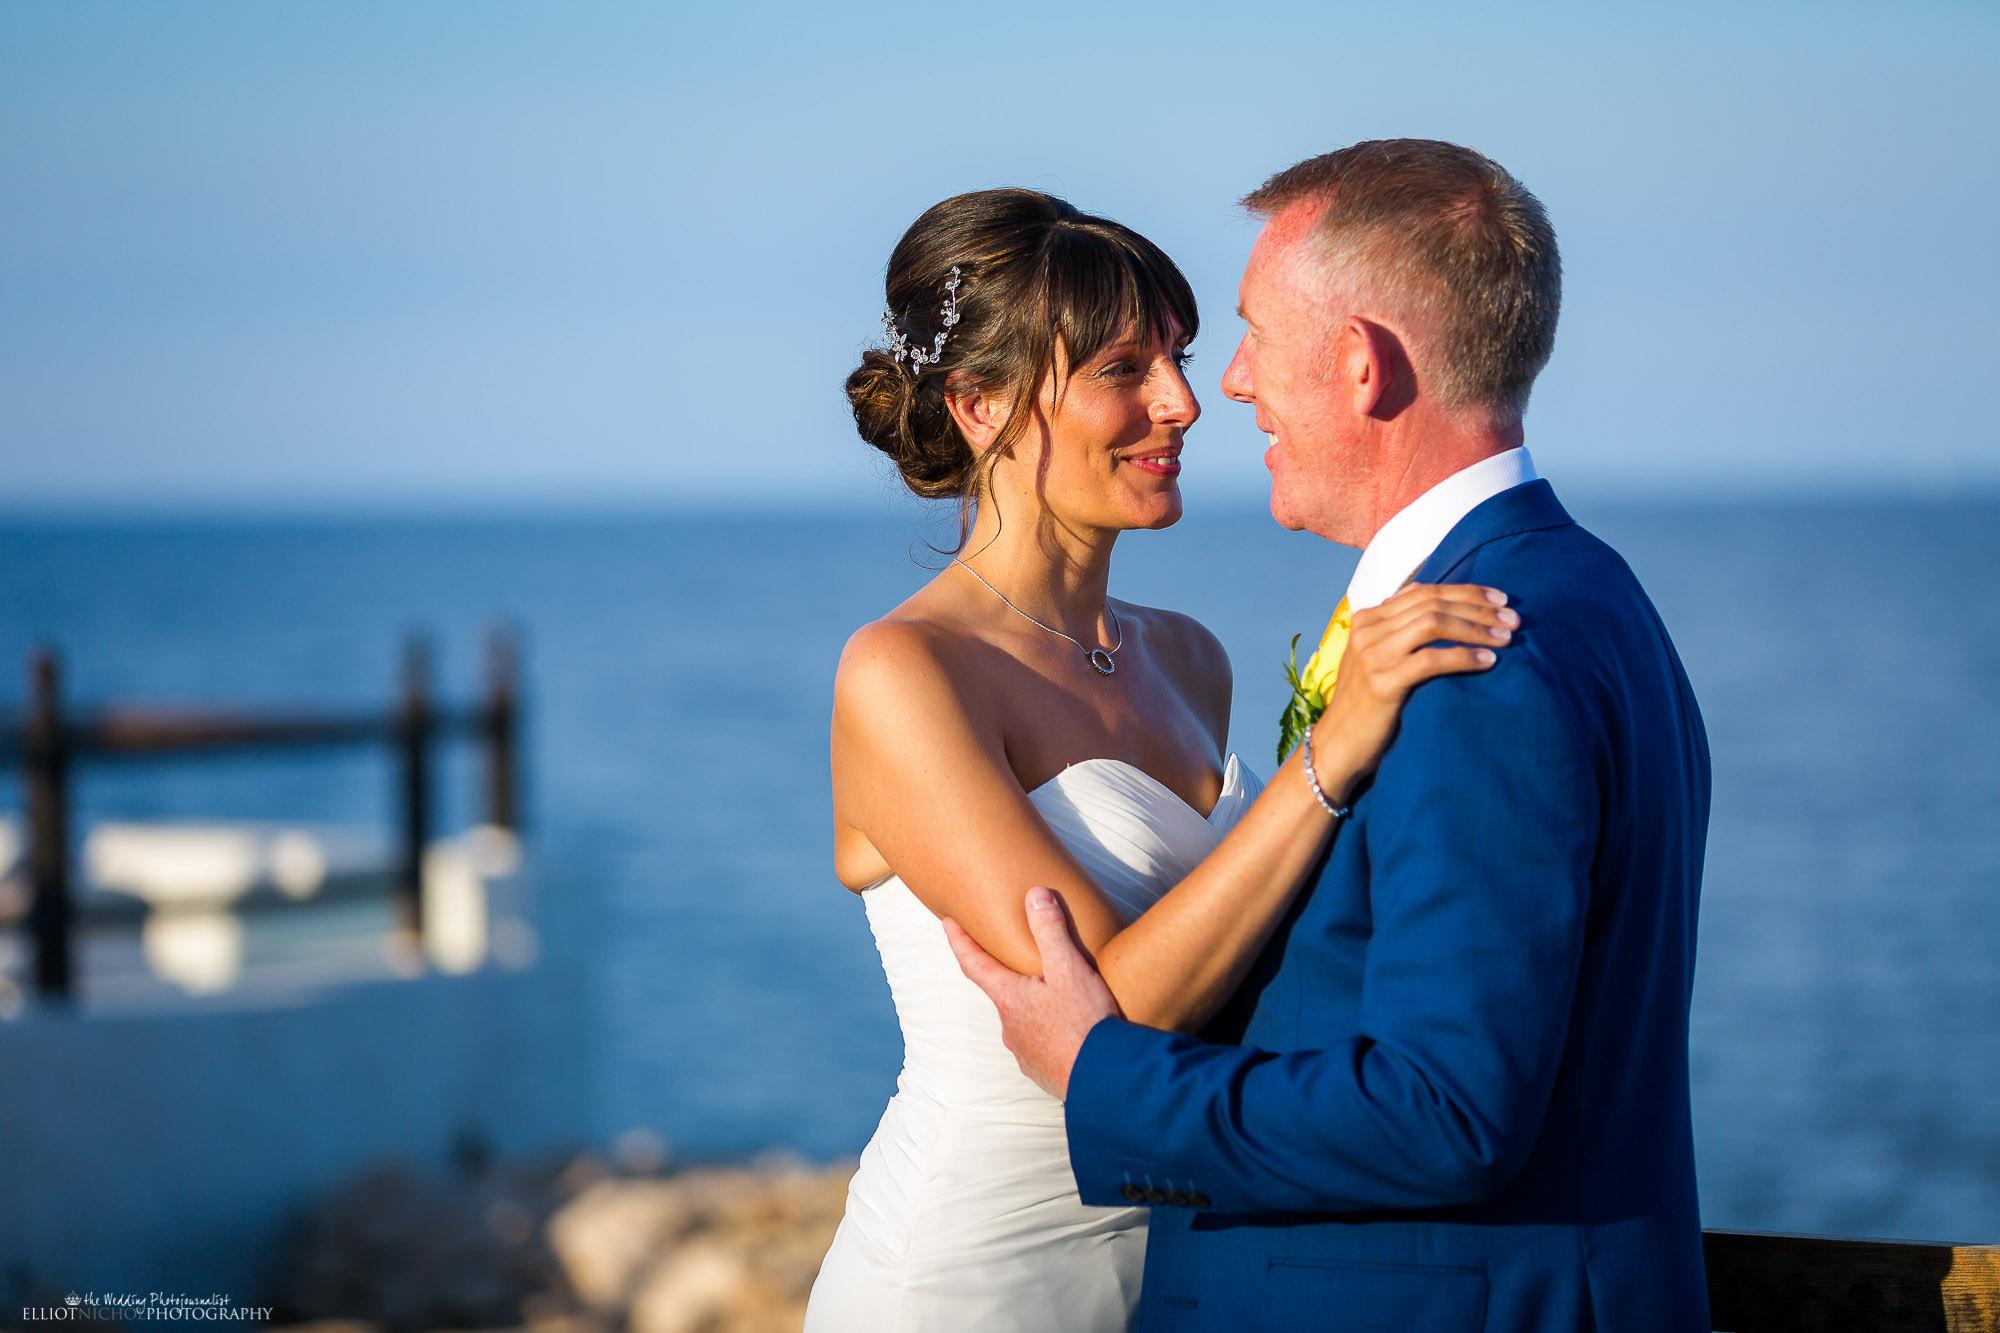 wedding-photography-destination-sea-bride-groom